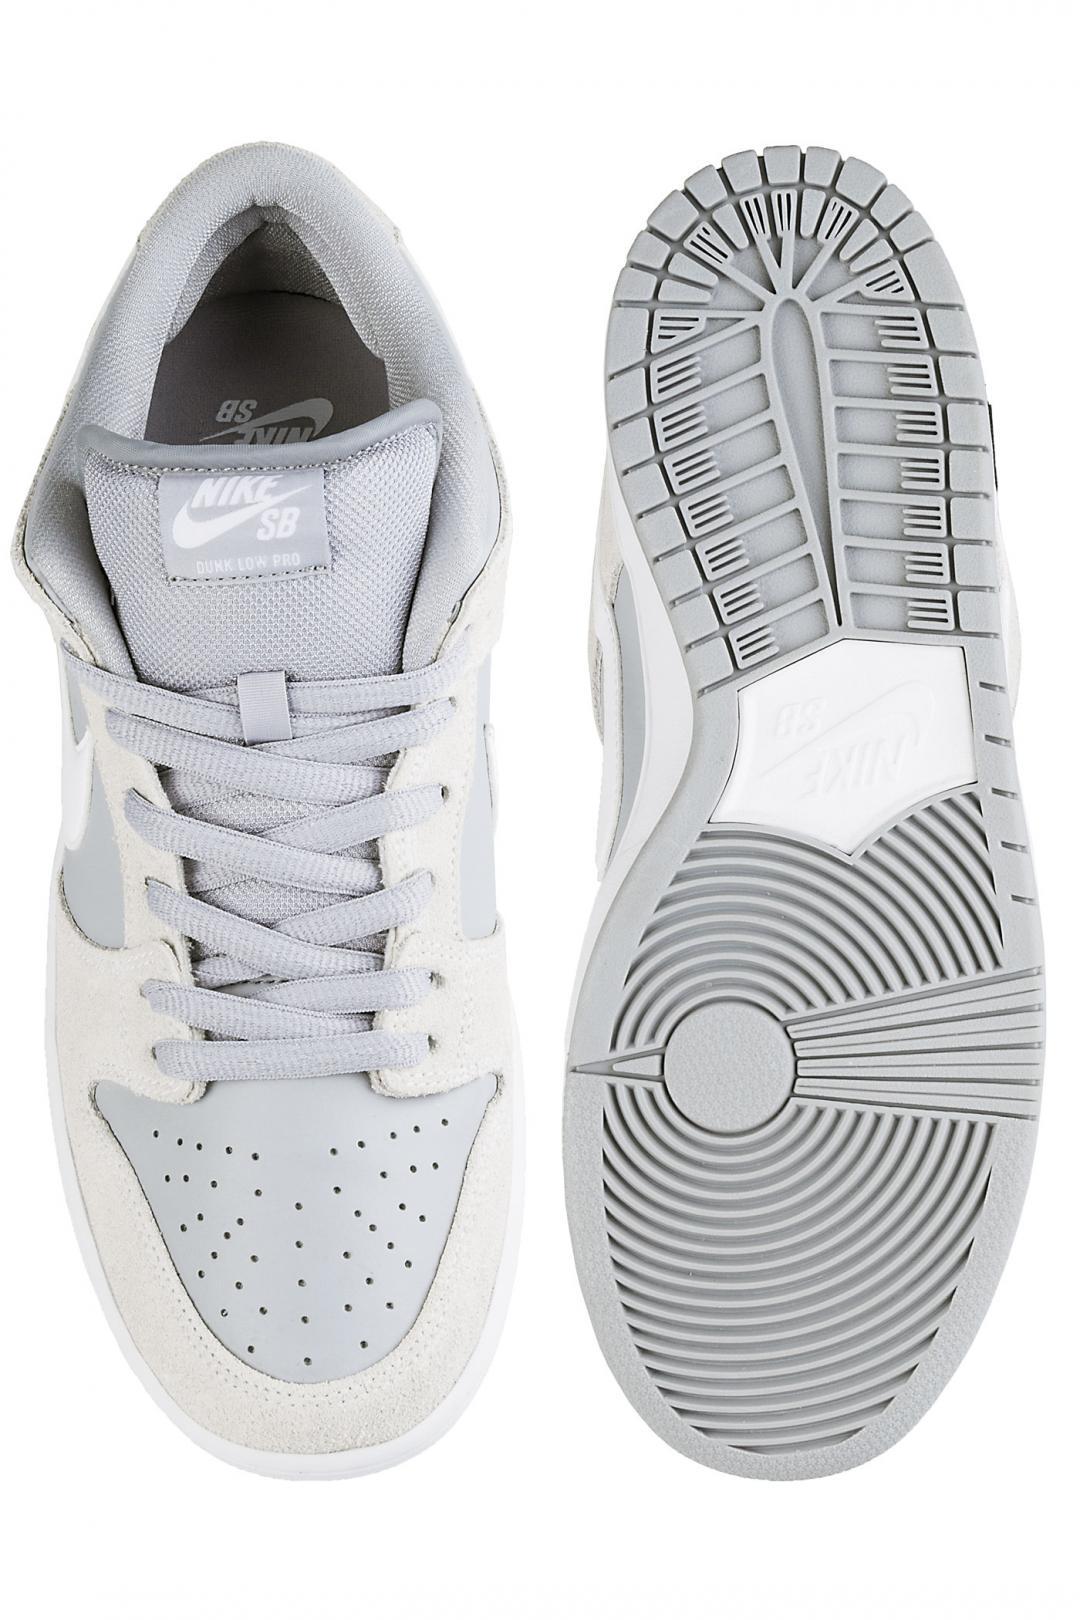 Uomo Nike SB Dunk Low TRD summit white | Sneaker